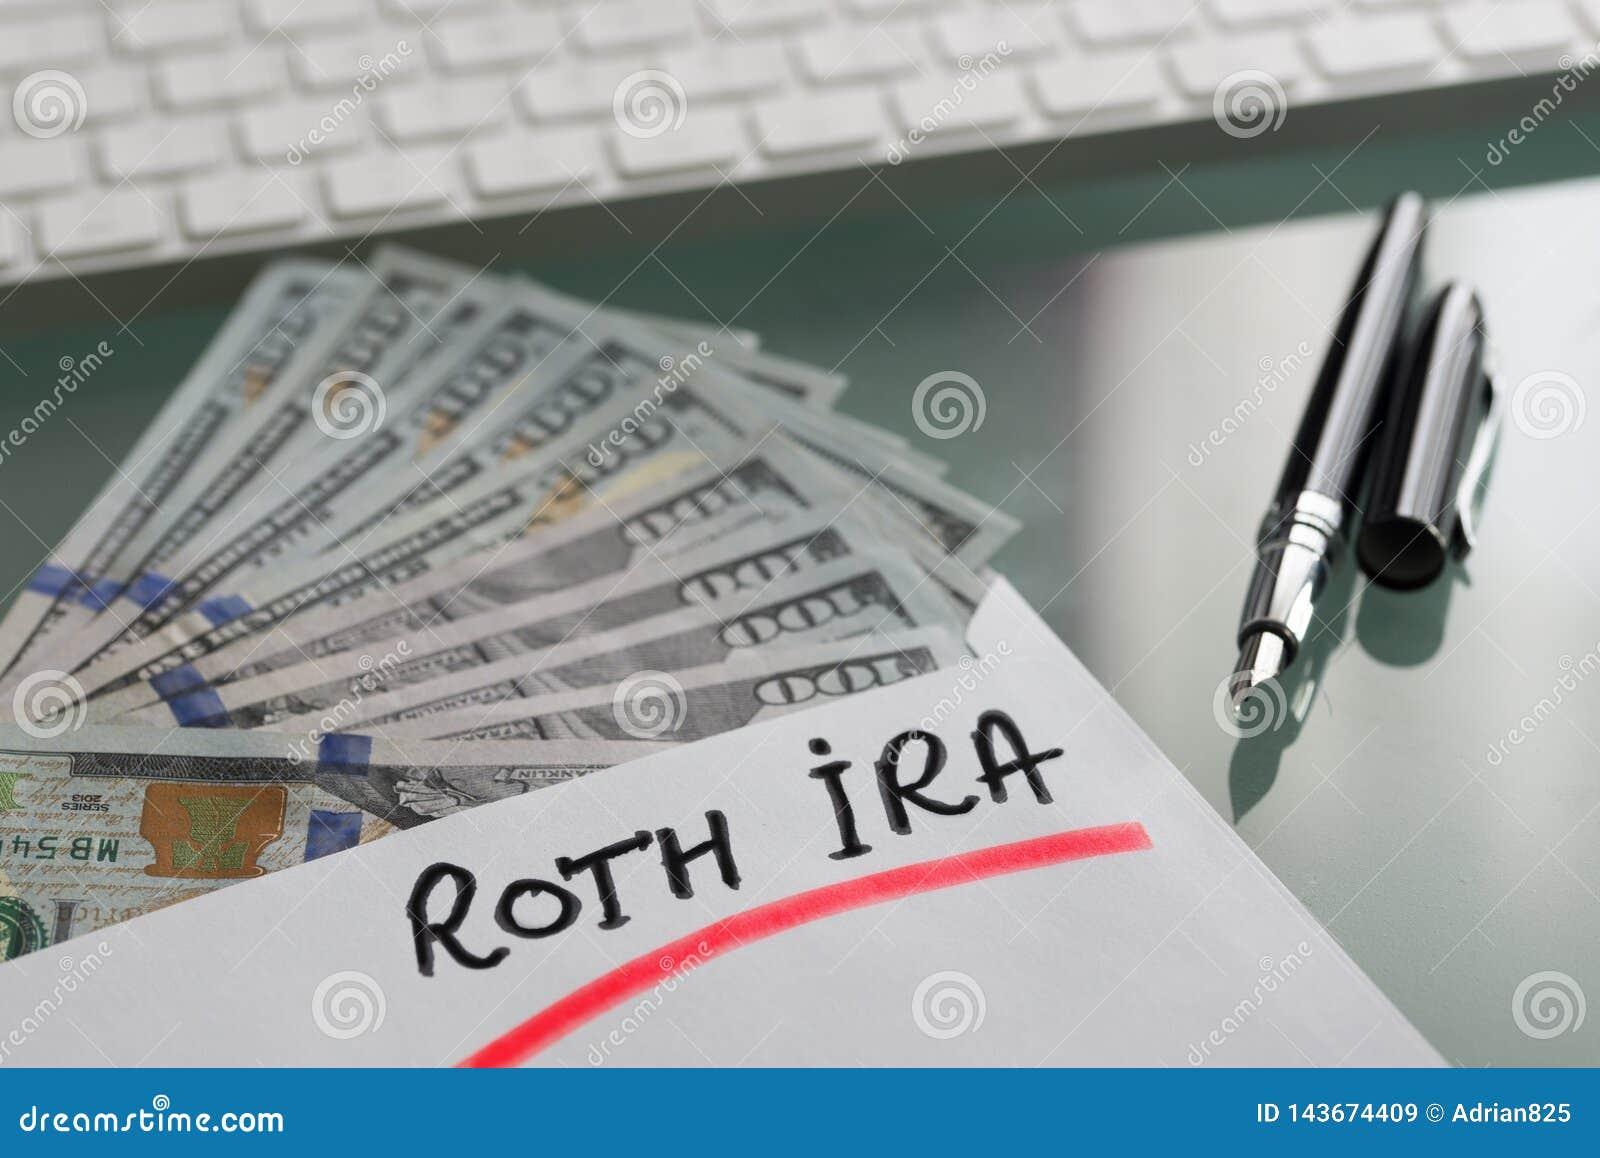 Αποταμίευση για την έννοια αποχώρησης με Roth Ira που γράφεται στον άσπρο φάκελο με τα αμερικανικά δολάρια μετρητών